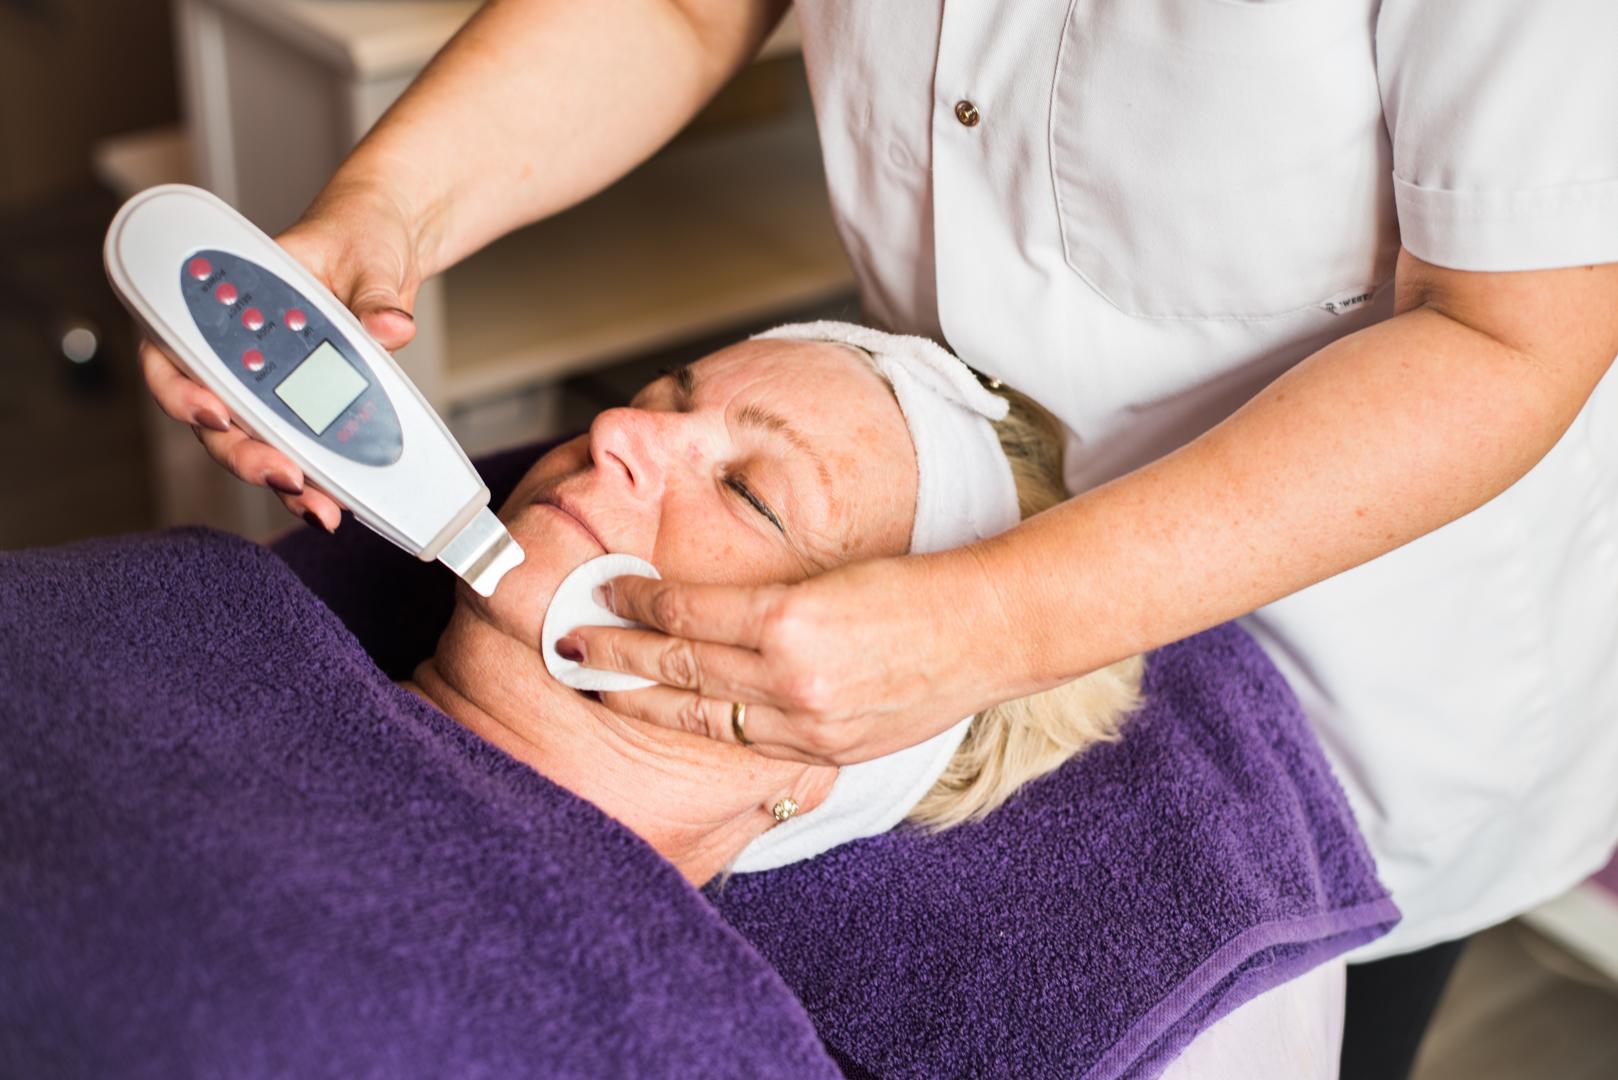 Kosmetika, moderní technologie a kvalitní produkty